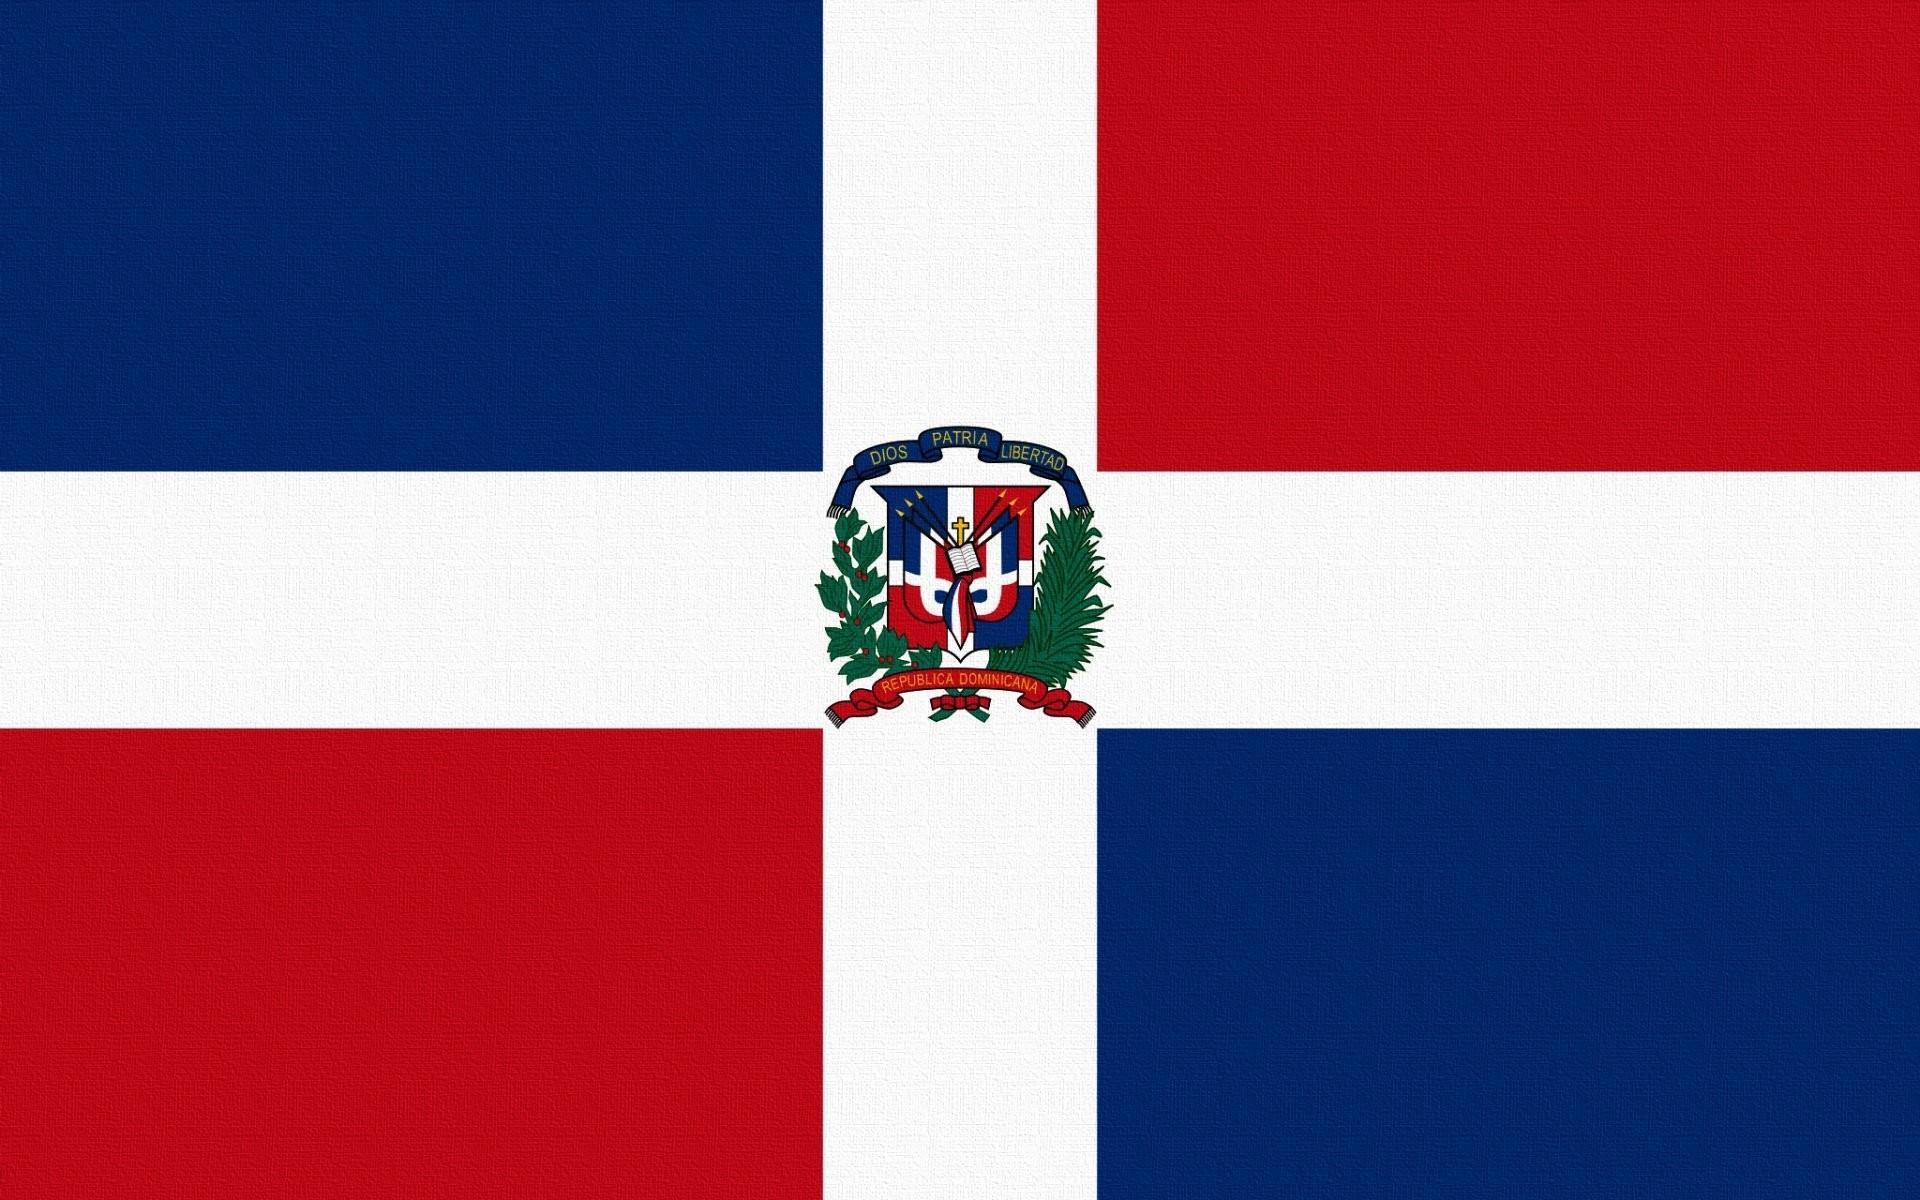 flag dominican republic dominican republic cross square red blue